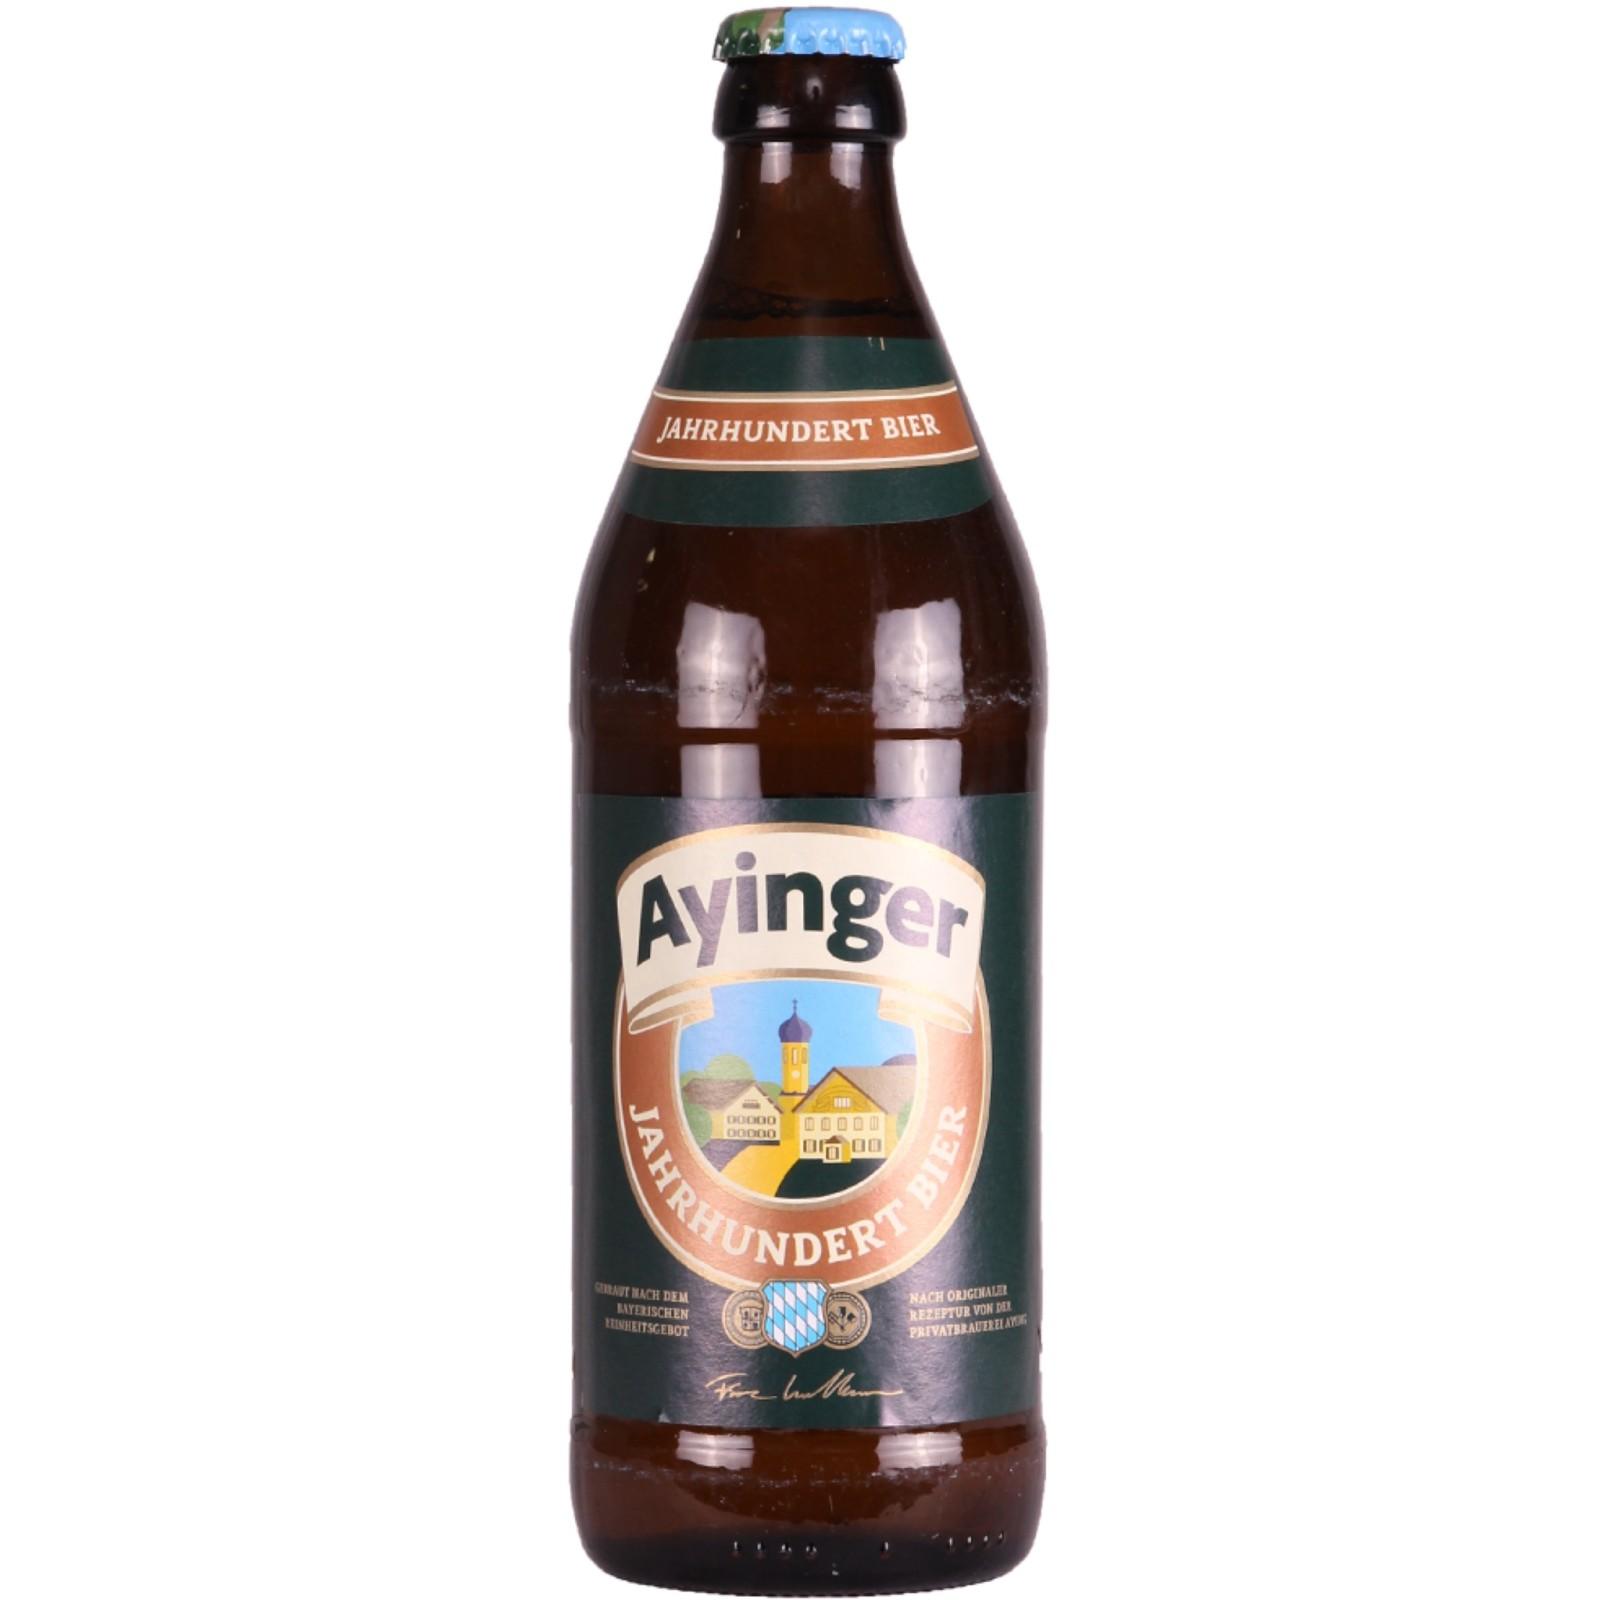 Ayinger Jahrhundert Bier 5.5% 500ml